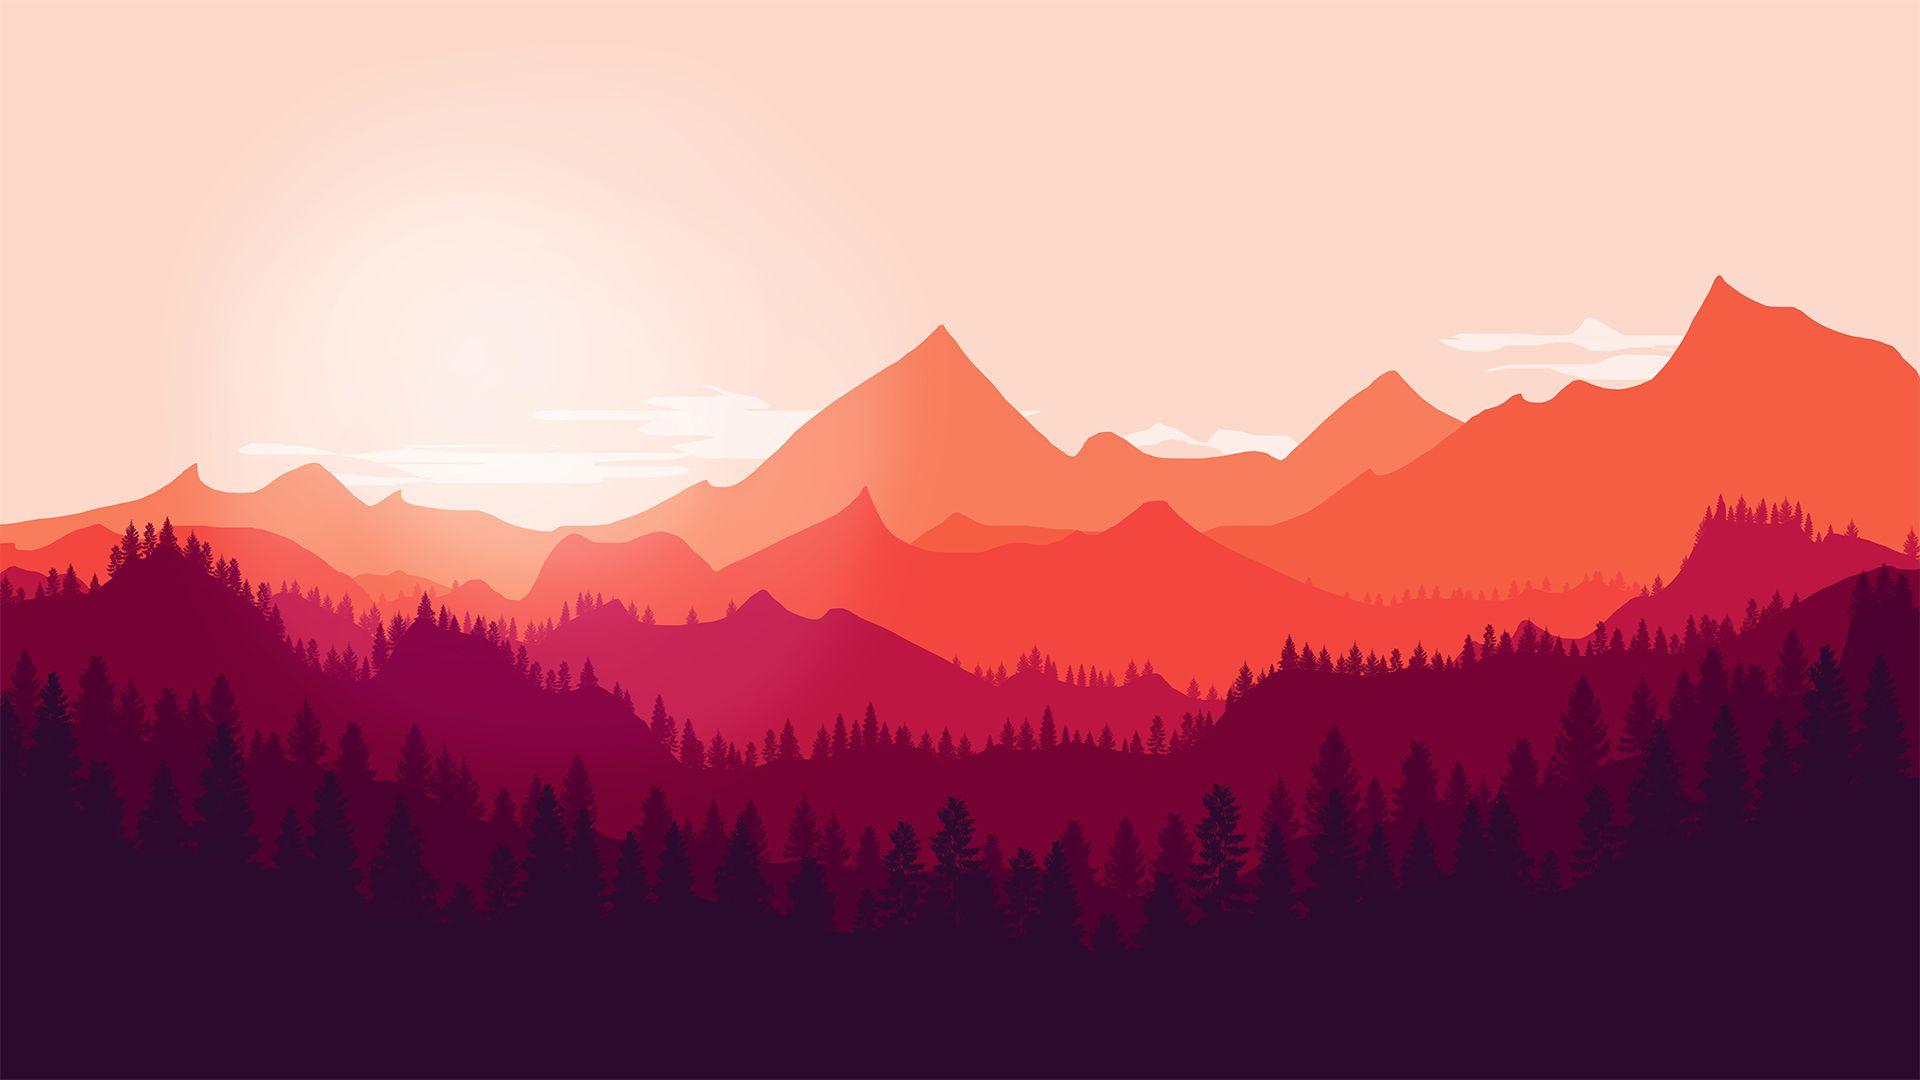 Related Image Landscape Illustration Landscape Artwork Wallpaper